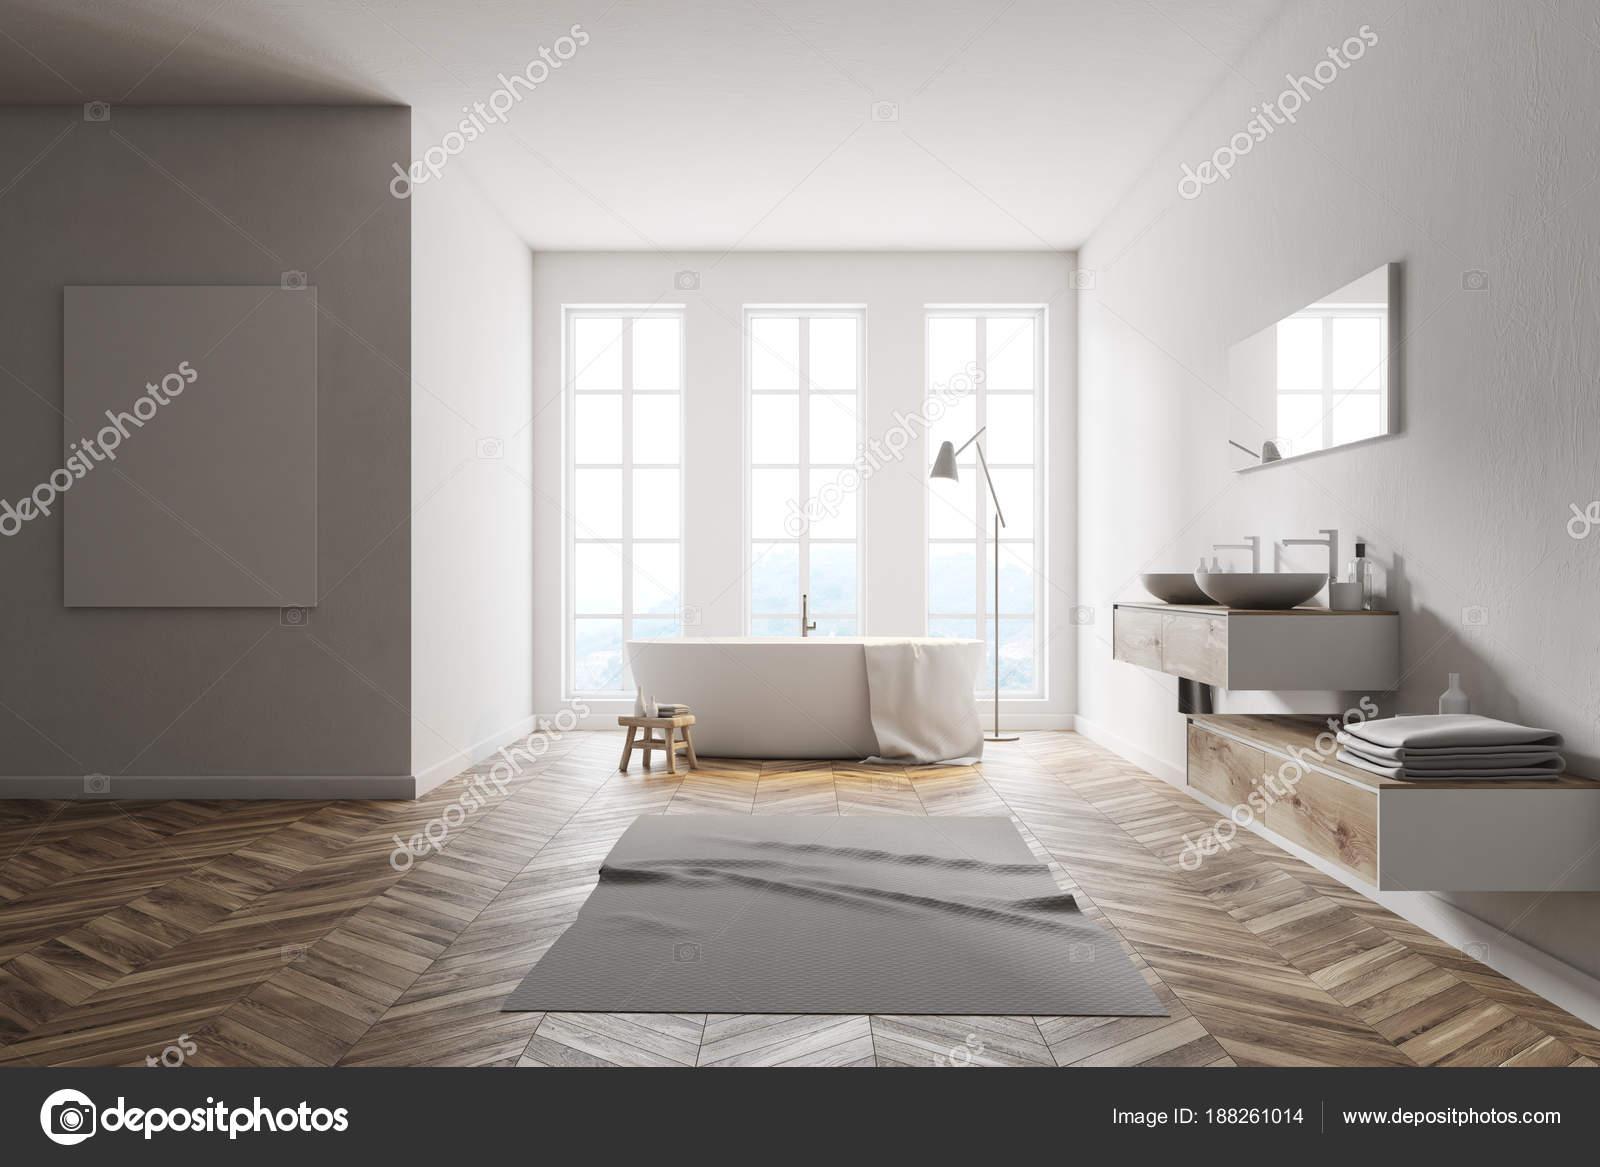 Minimalistische weiße badezimmer poster u2014 stockfoto